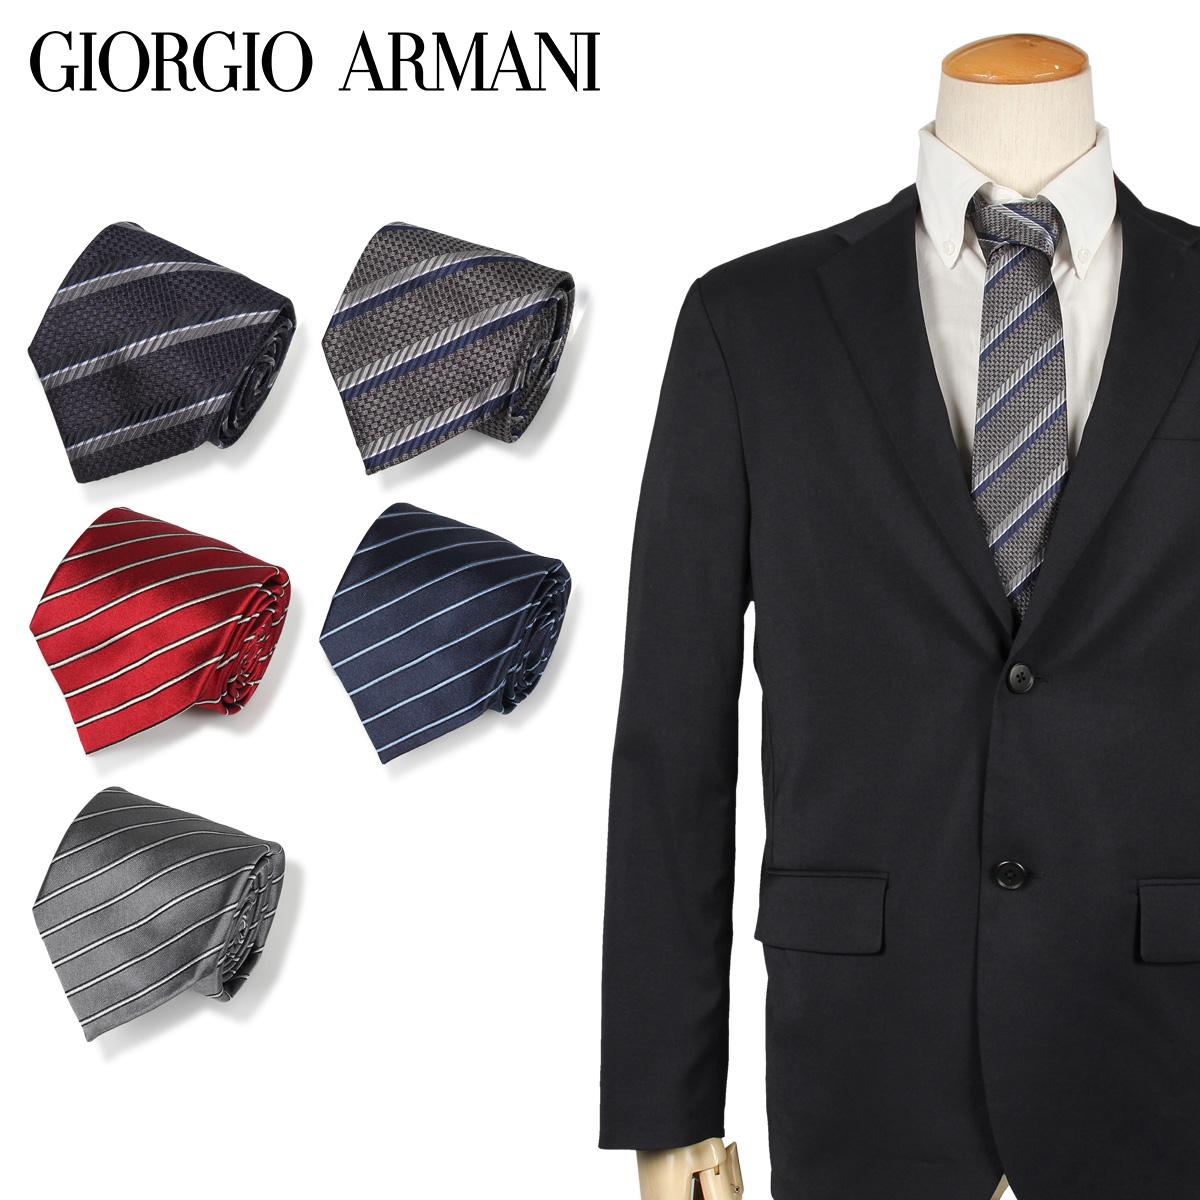 GIORGIO ARMANI ジョルジオ アルマーニ ネクタイ メンズ ストライプ イタリア製 シルク ビジネス 結婚式 ブラック グレー ワインレッド 黒